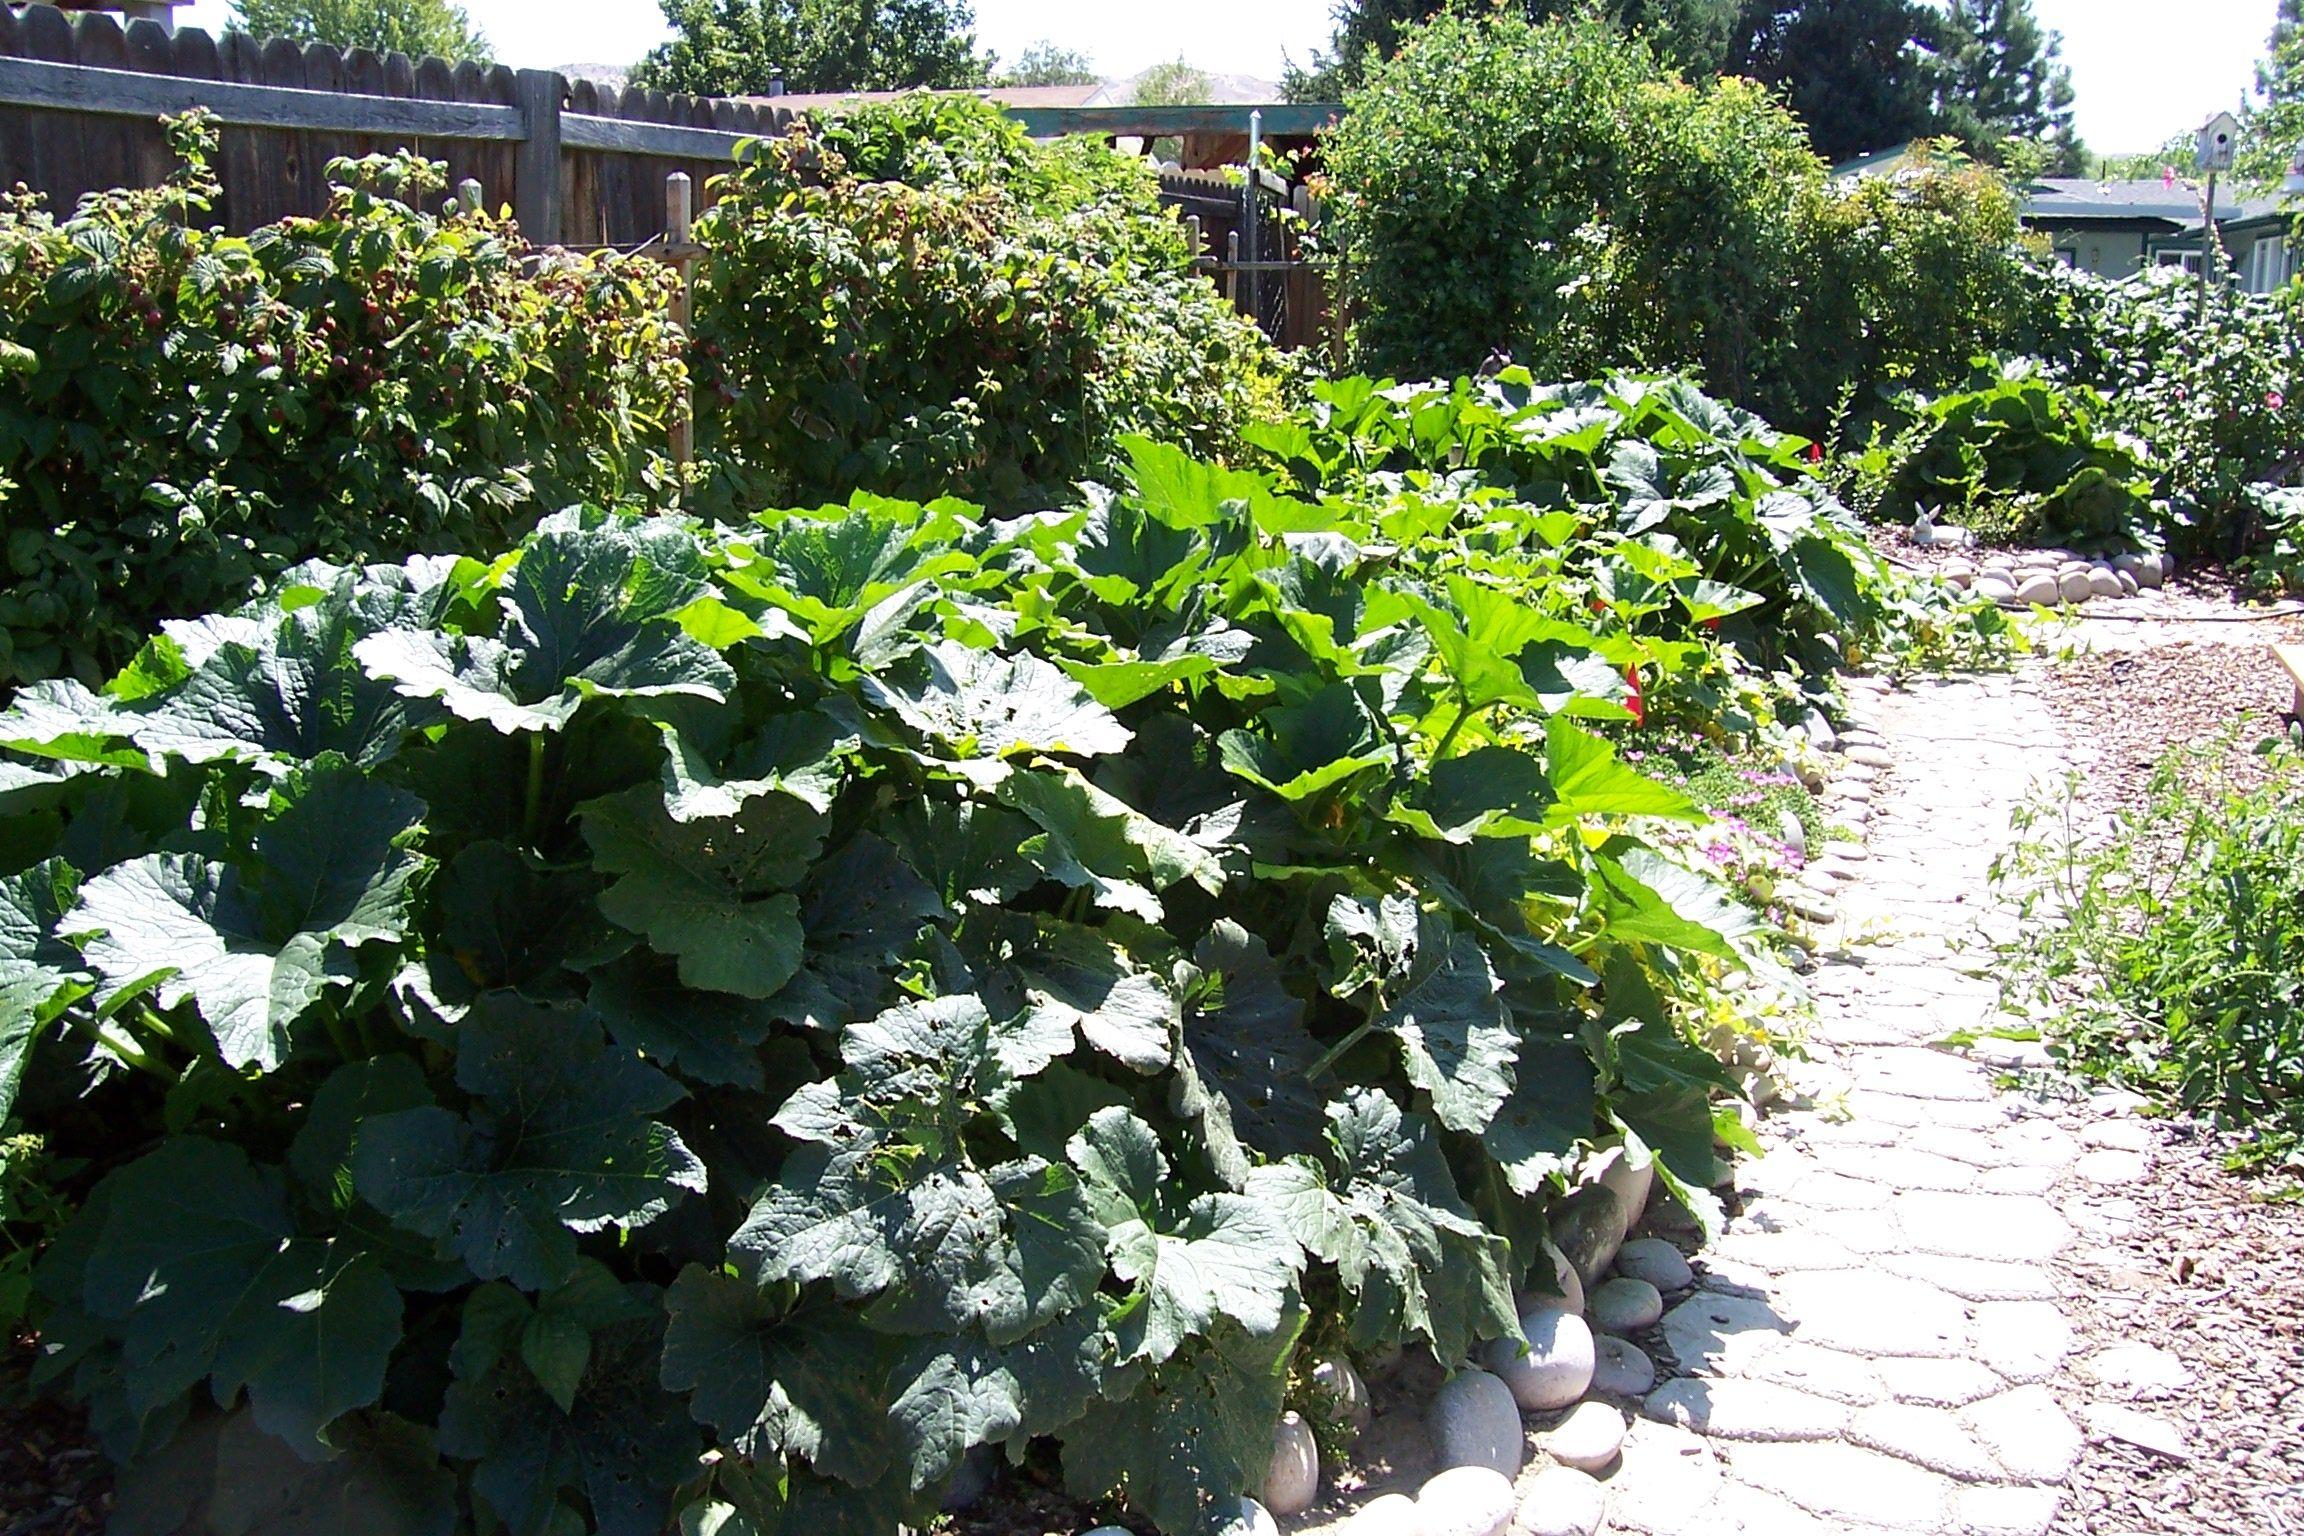 Zucchini in my garden gardening pinterest for Landscape my garden